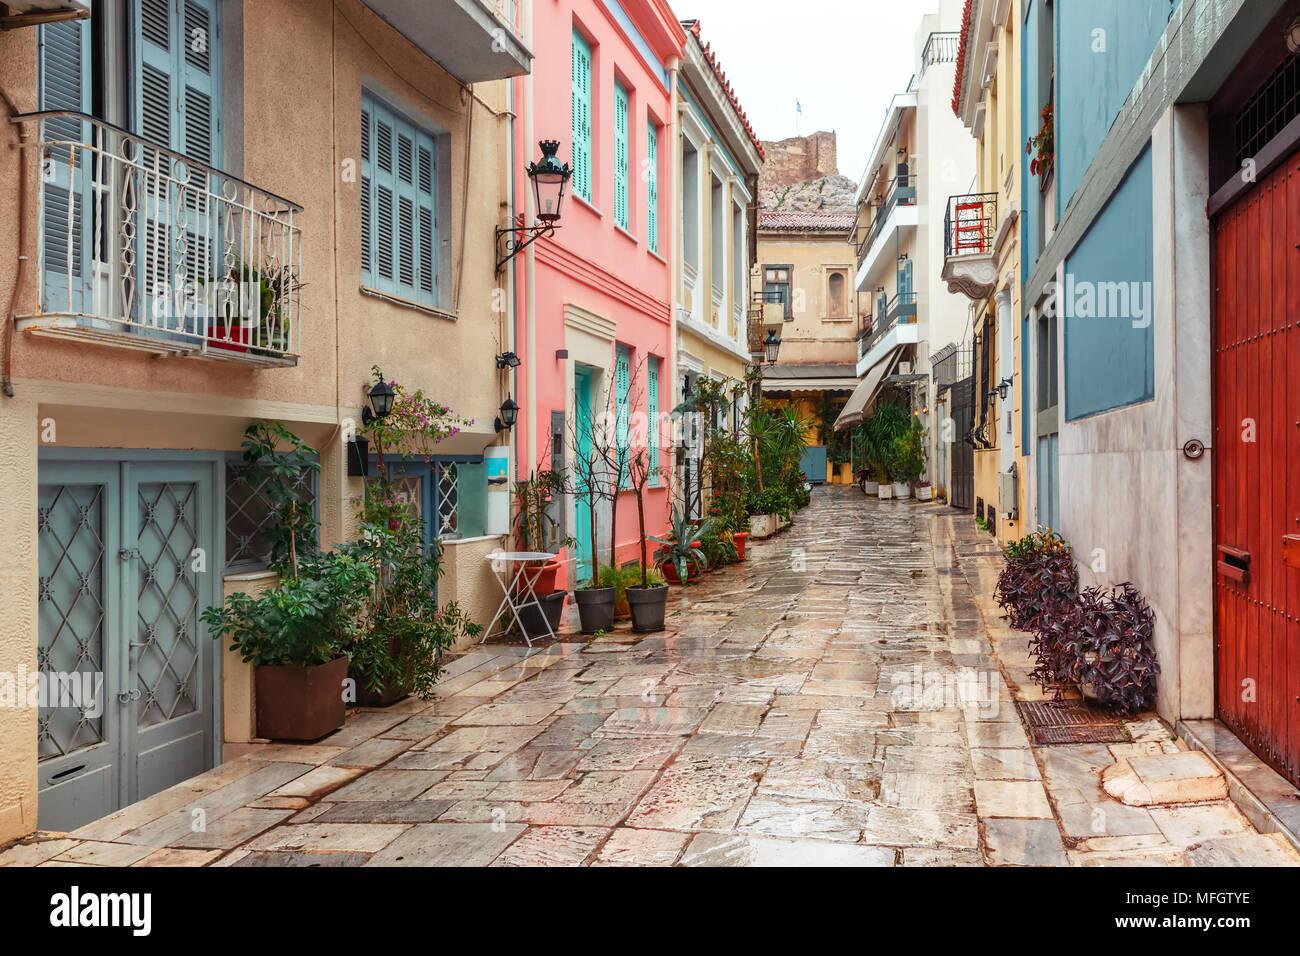 La famosa plaza de distrito en Atenas, Grecia Imagen De Stock